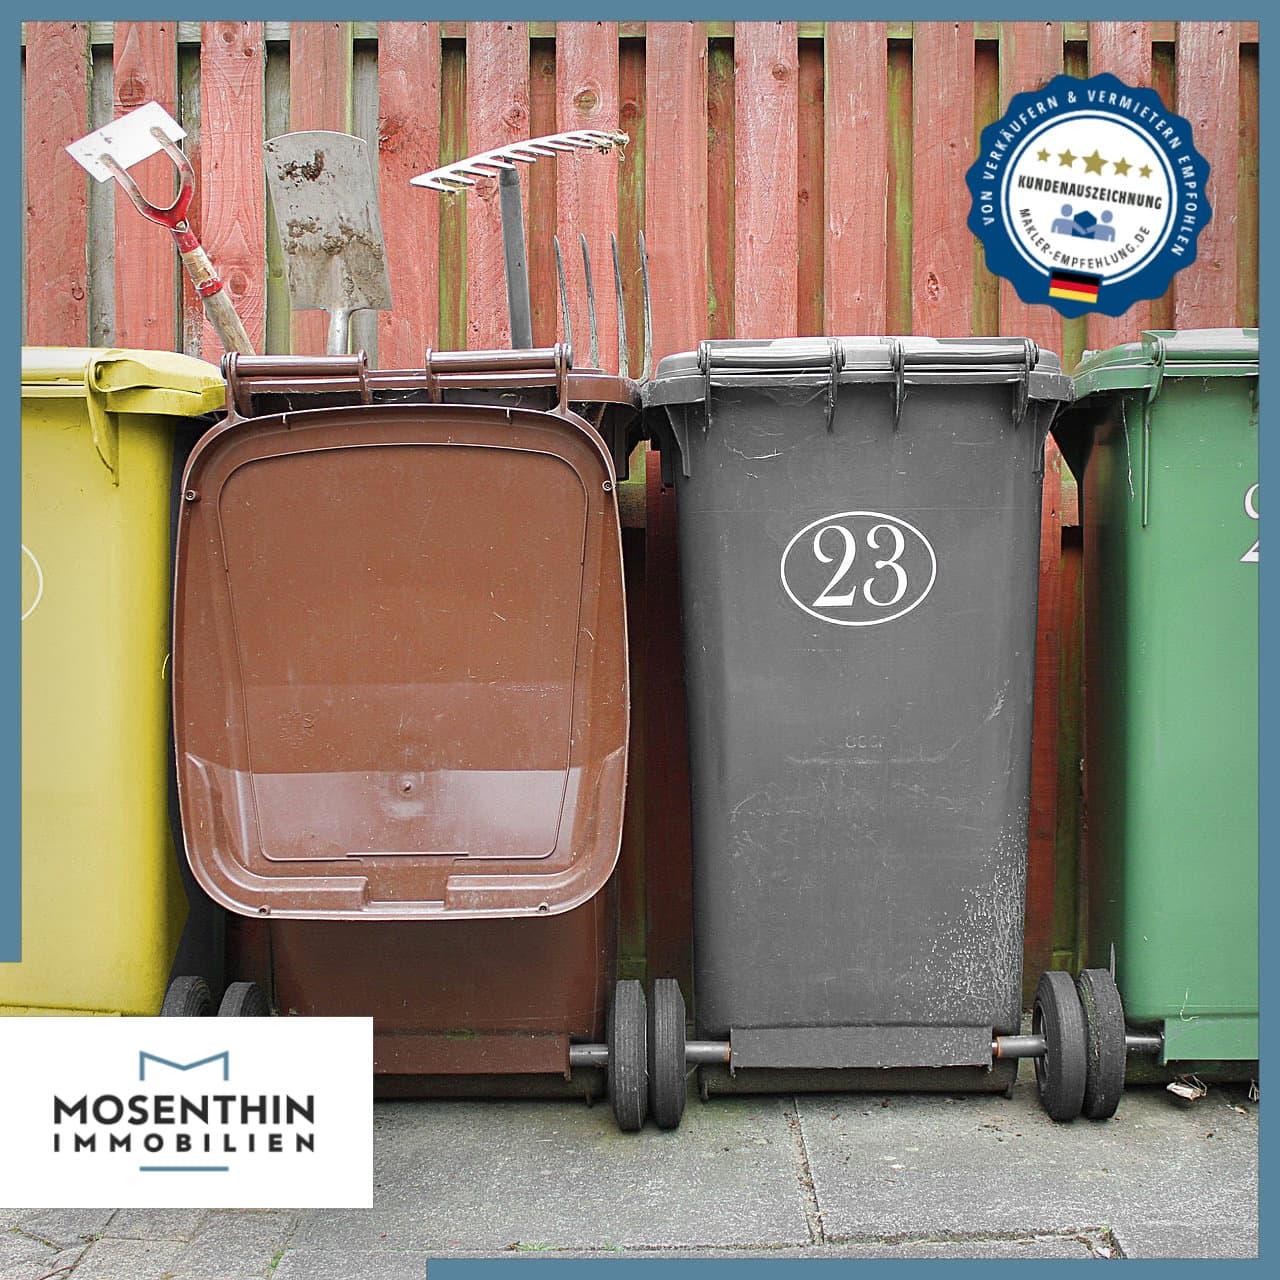 Neues Verpackungsgesetz soll Abfalltrennung verbessern